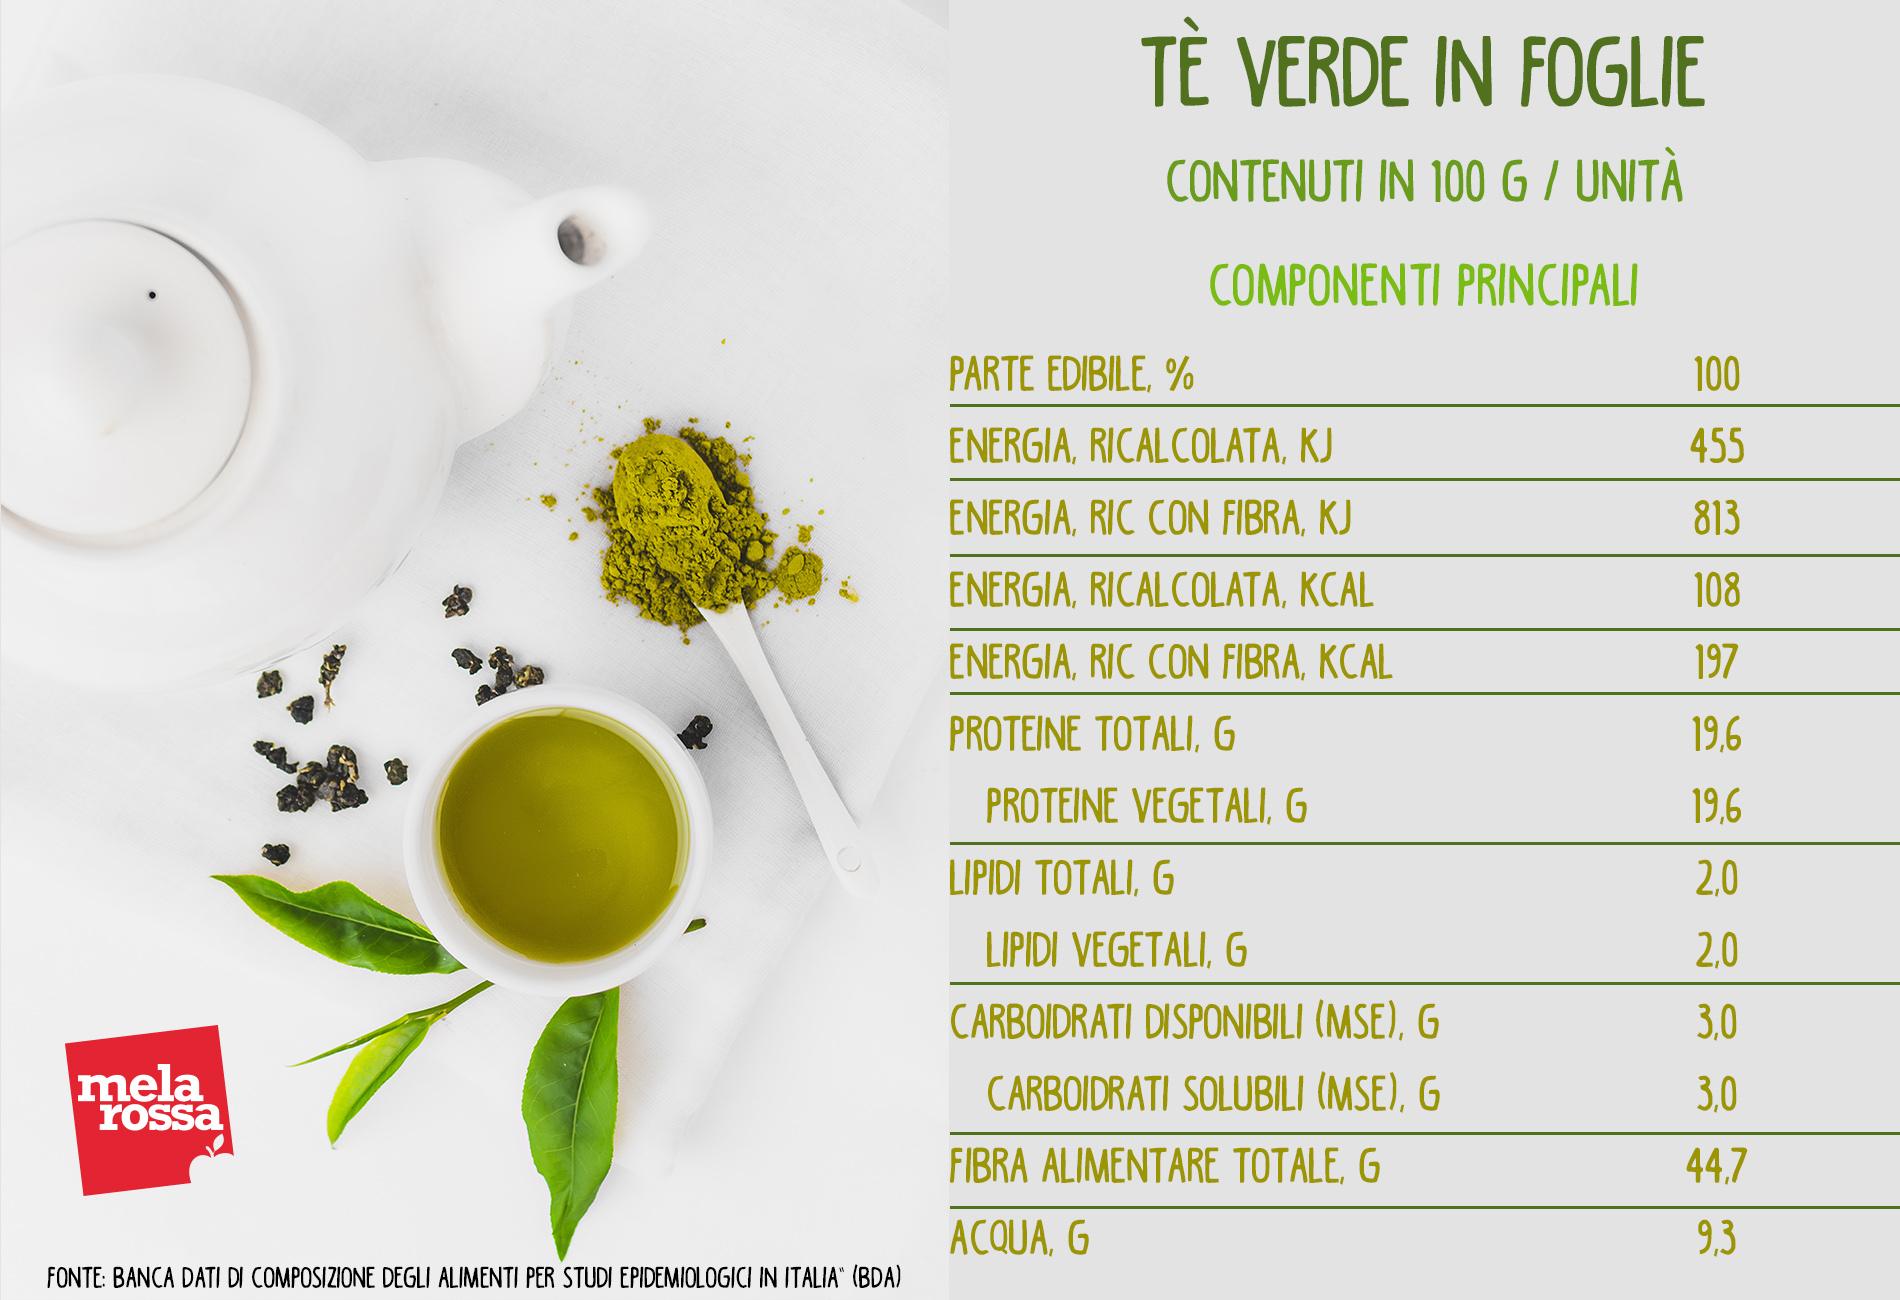 tè verde in foglie: valori nutrizionali